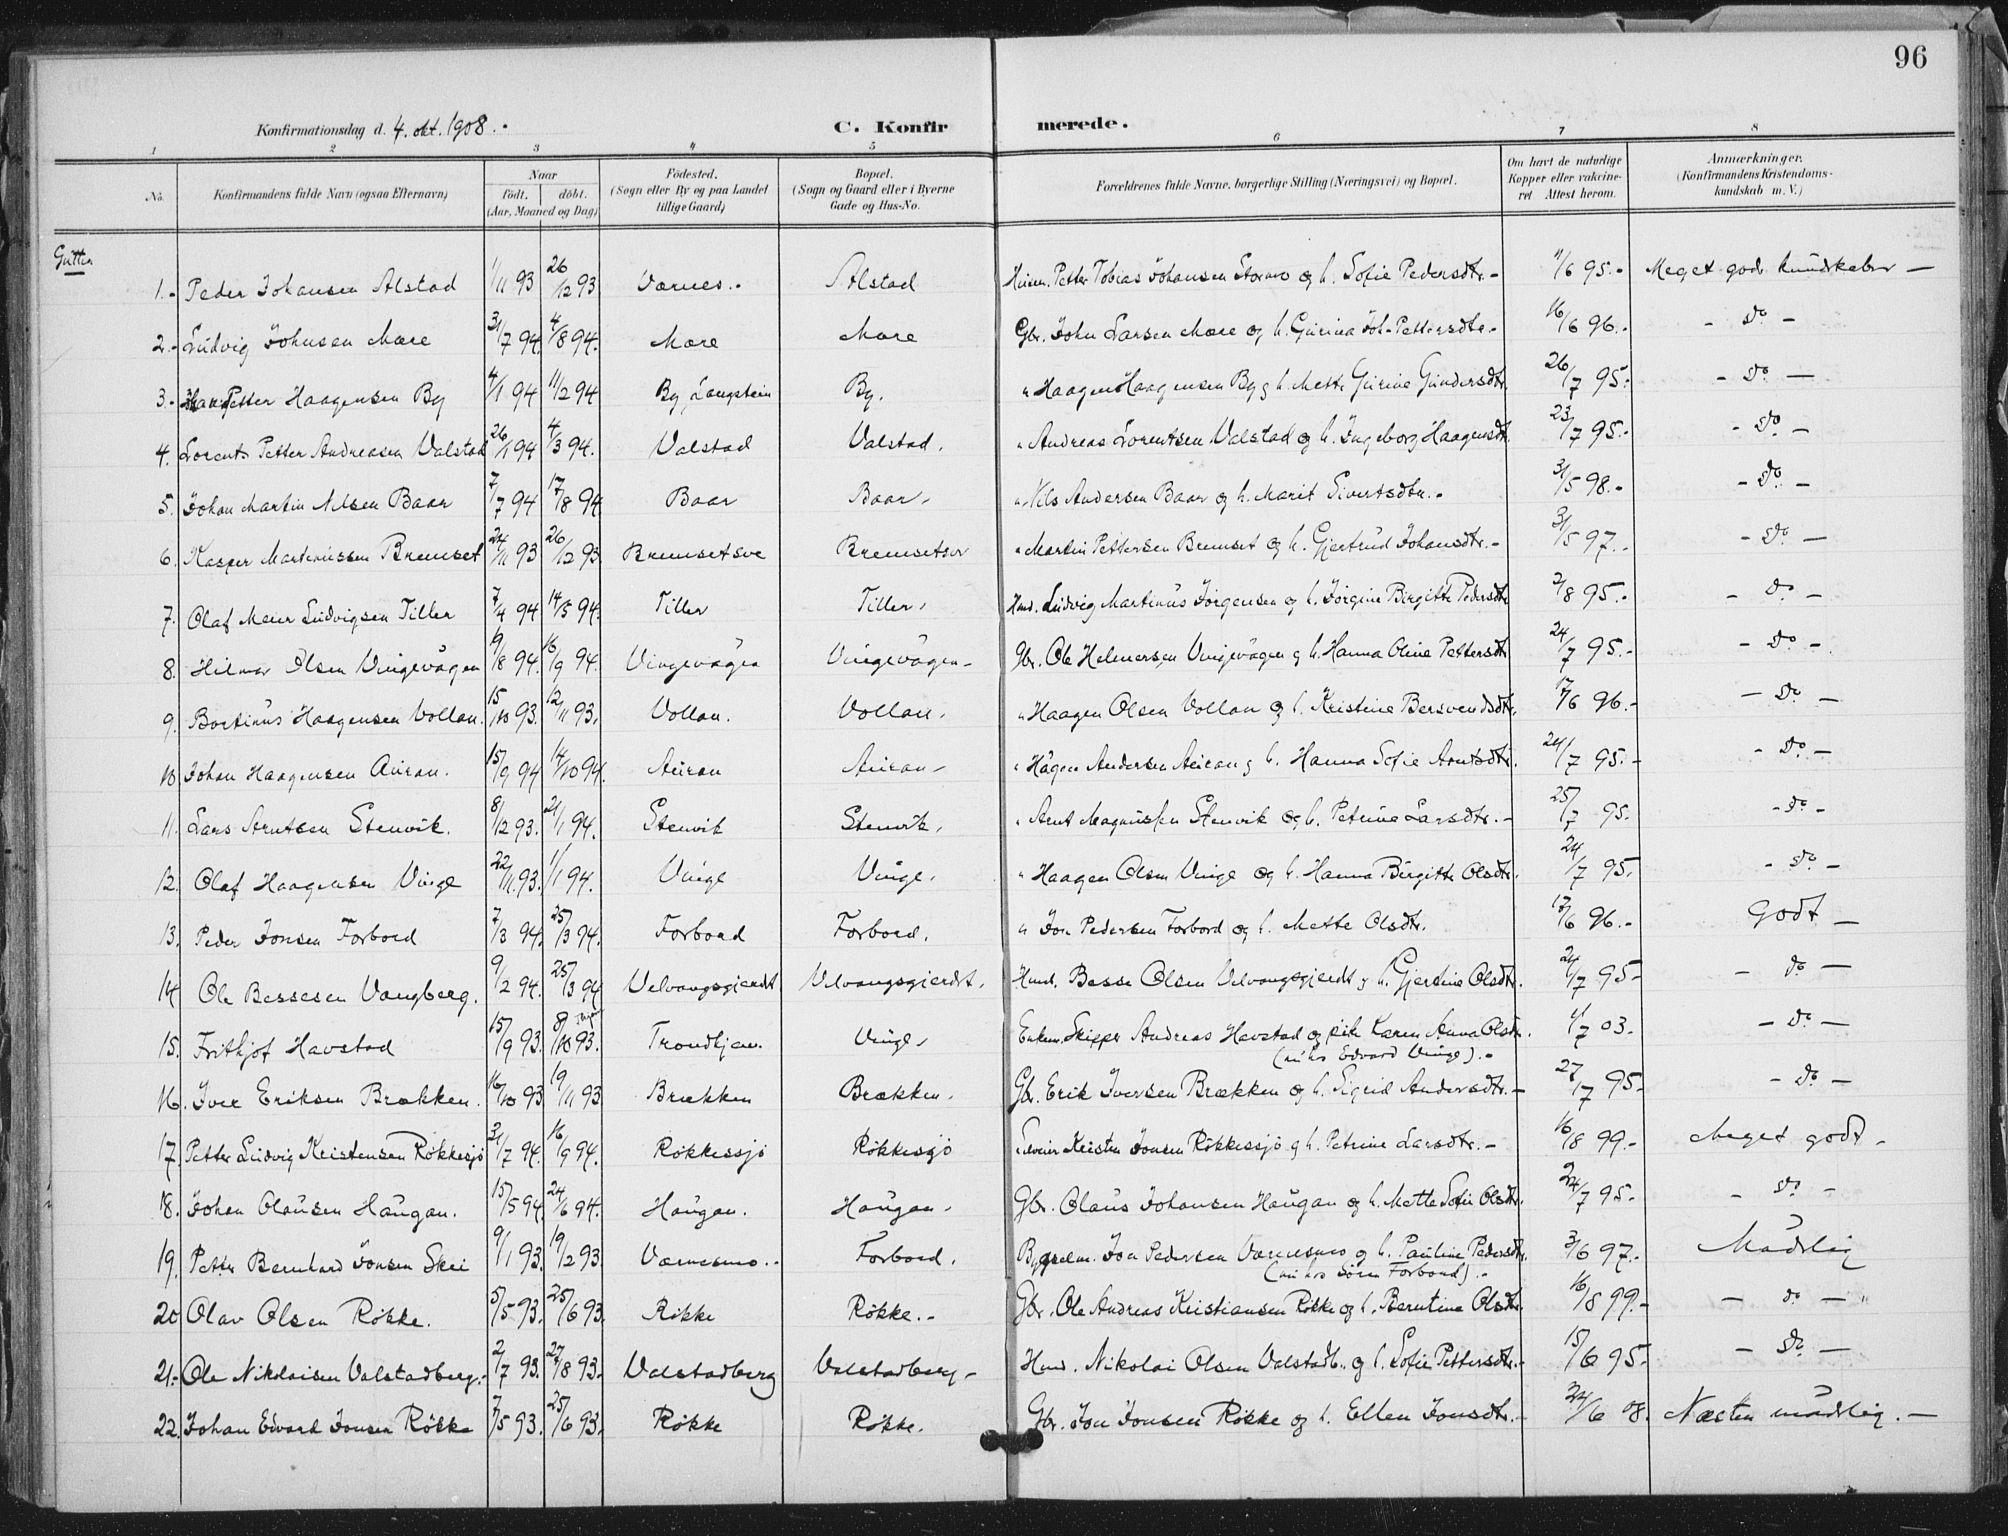 SAT, Ministerialprotokoller, klokkerbøker og fødselsregistre - Nord-Trøndelag, 712/L0101: Ministerialbok nr. 712A02, 1901-1916, s. 96